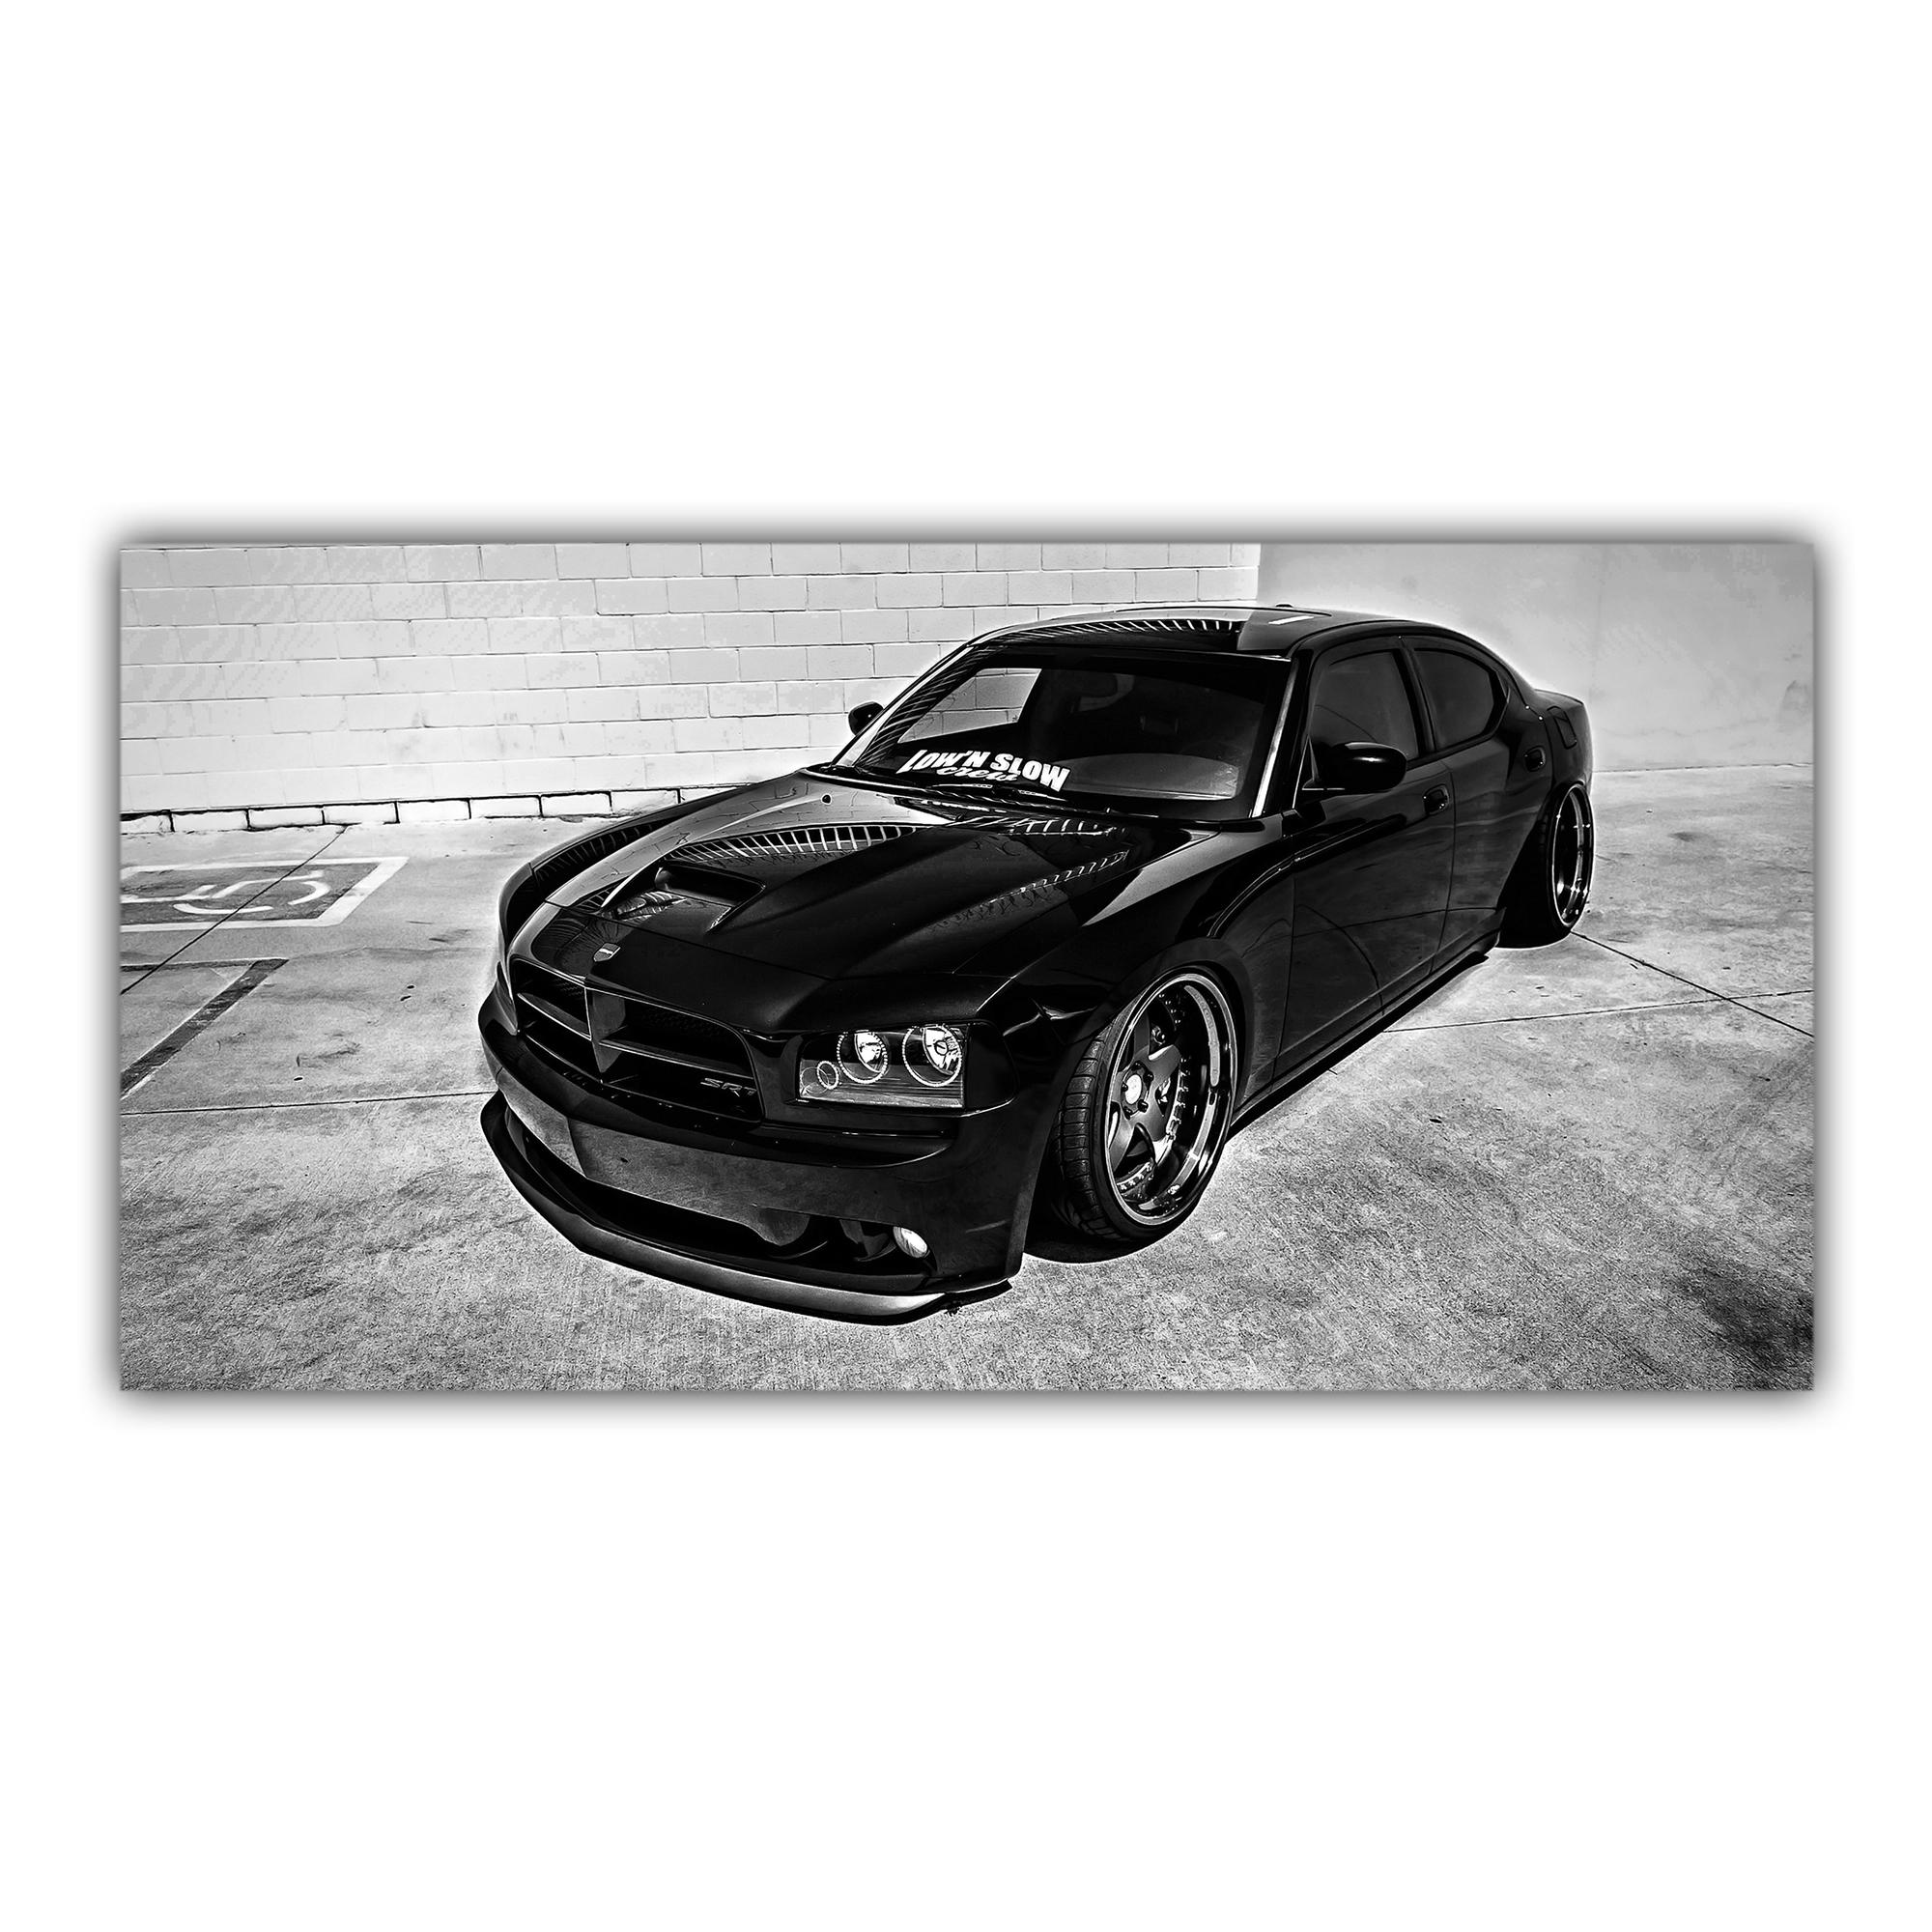 Charger Dodge Noir Voiture Américaine